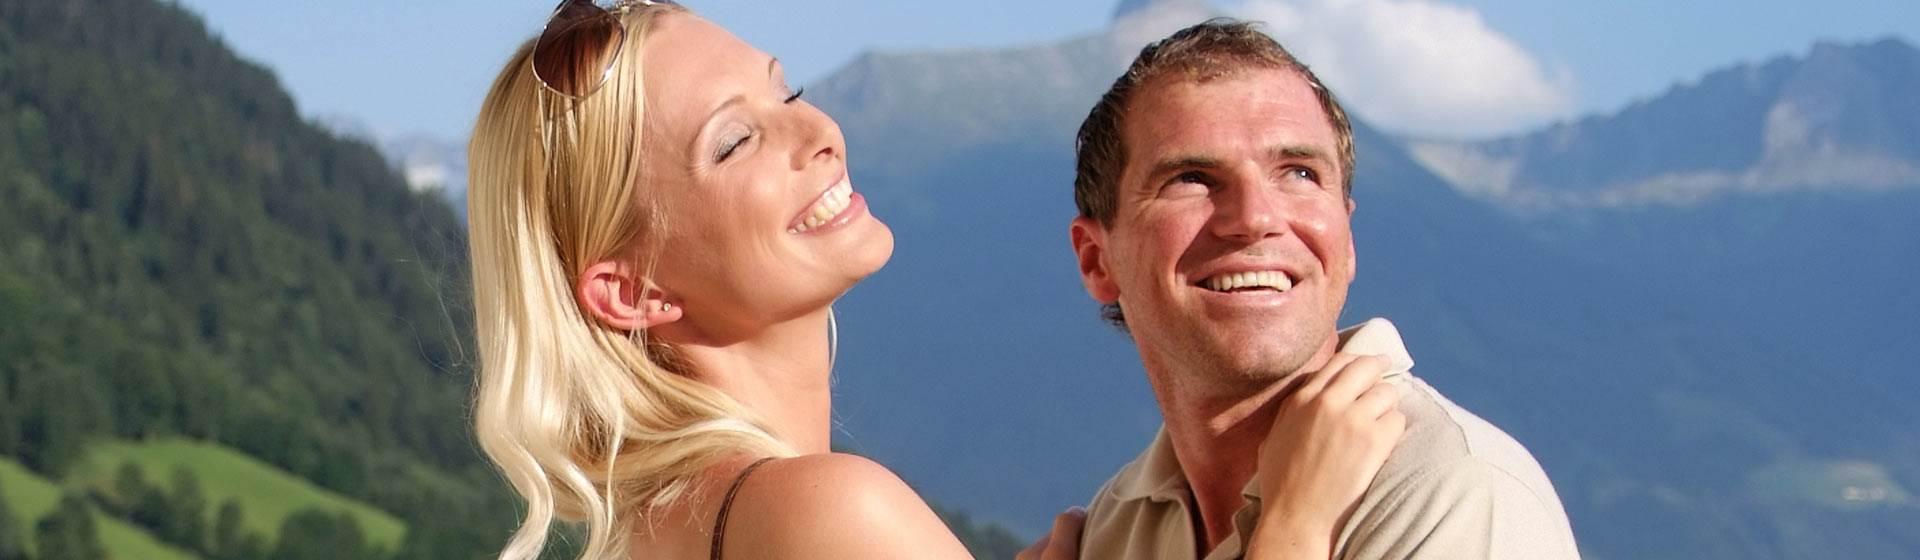 Mann und Frau im Detail vor Berglandschaft